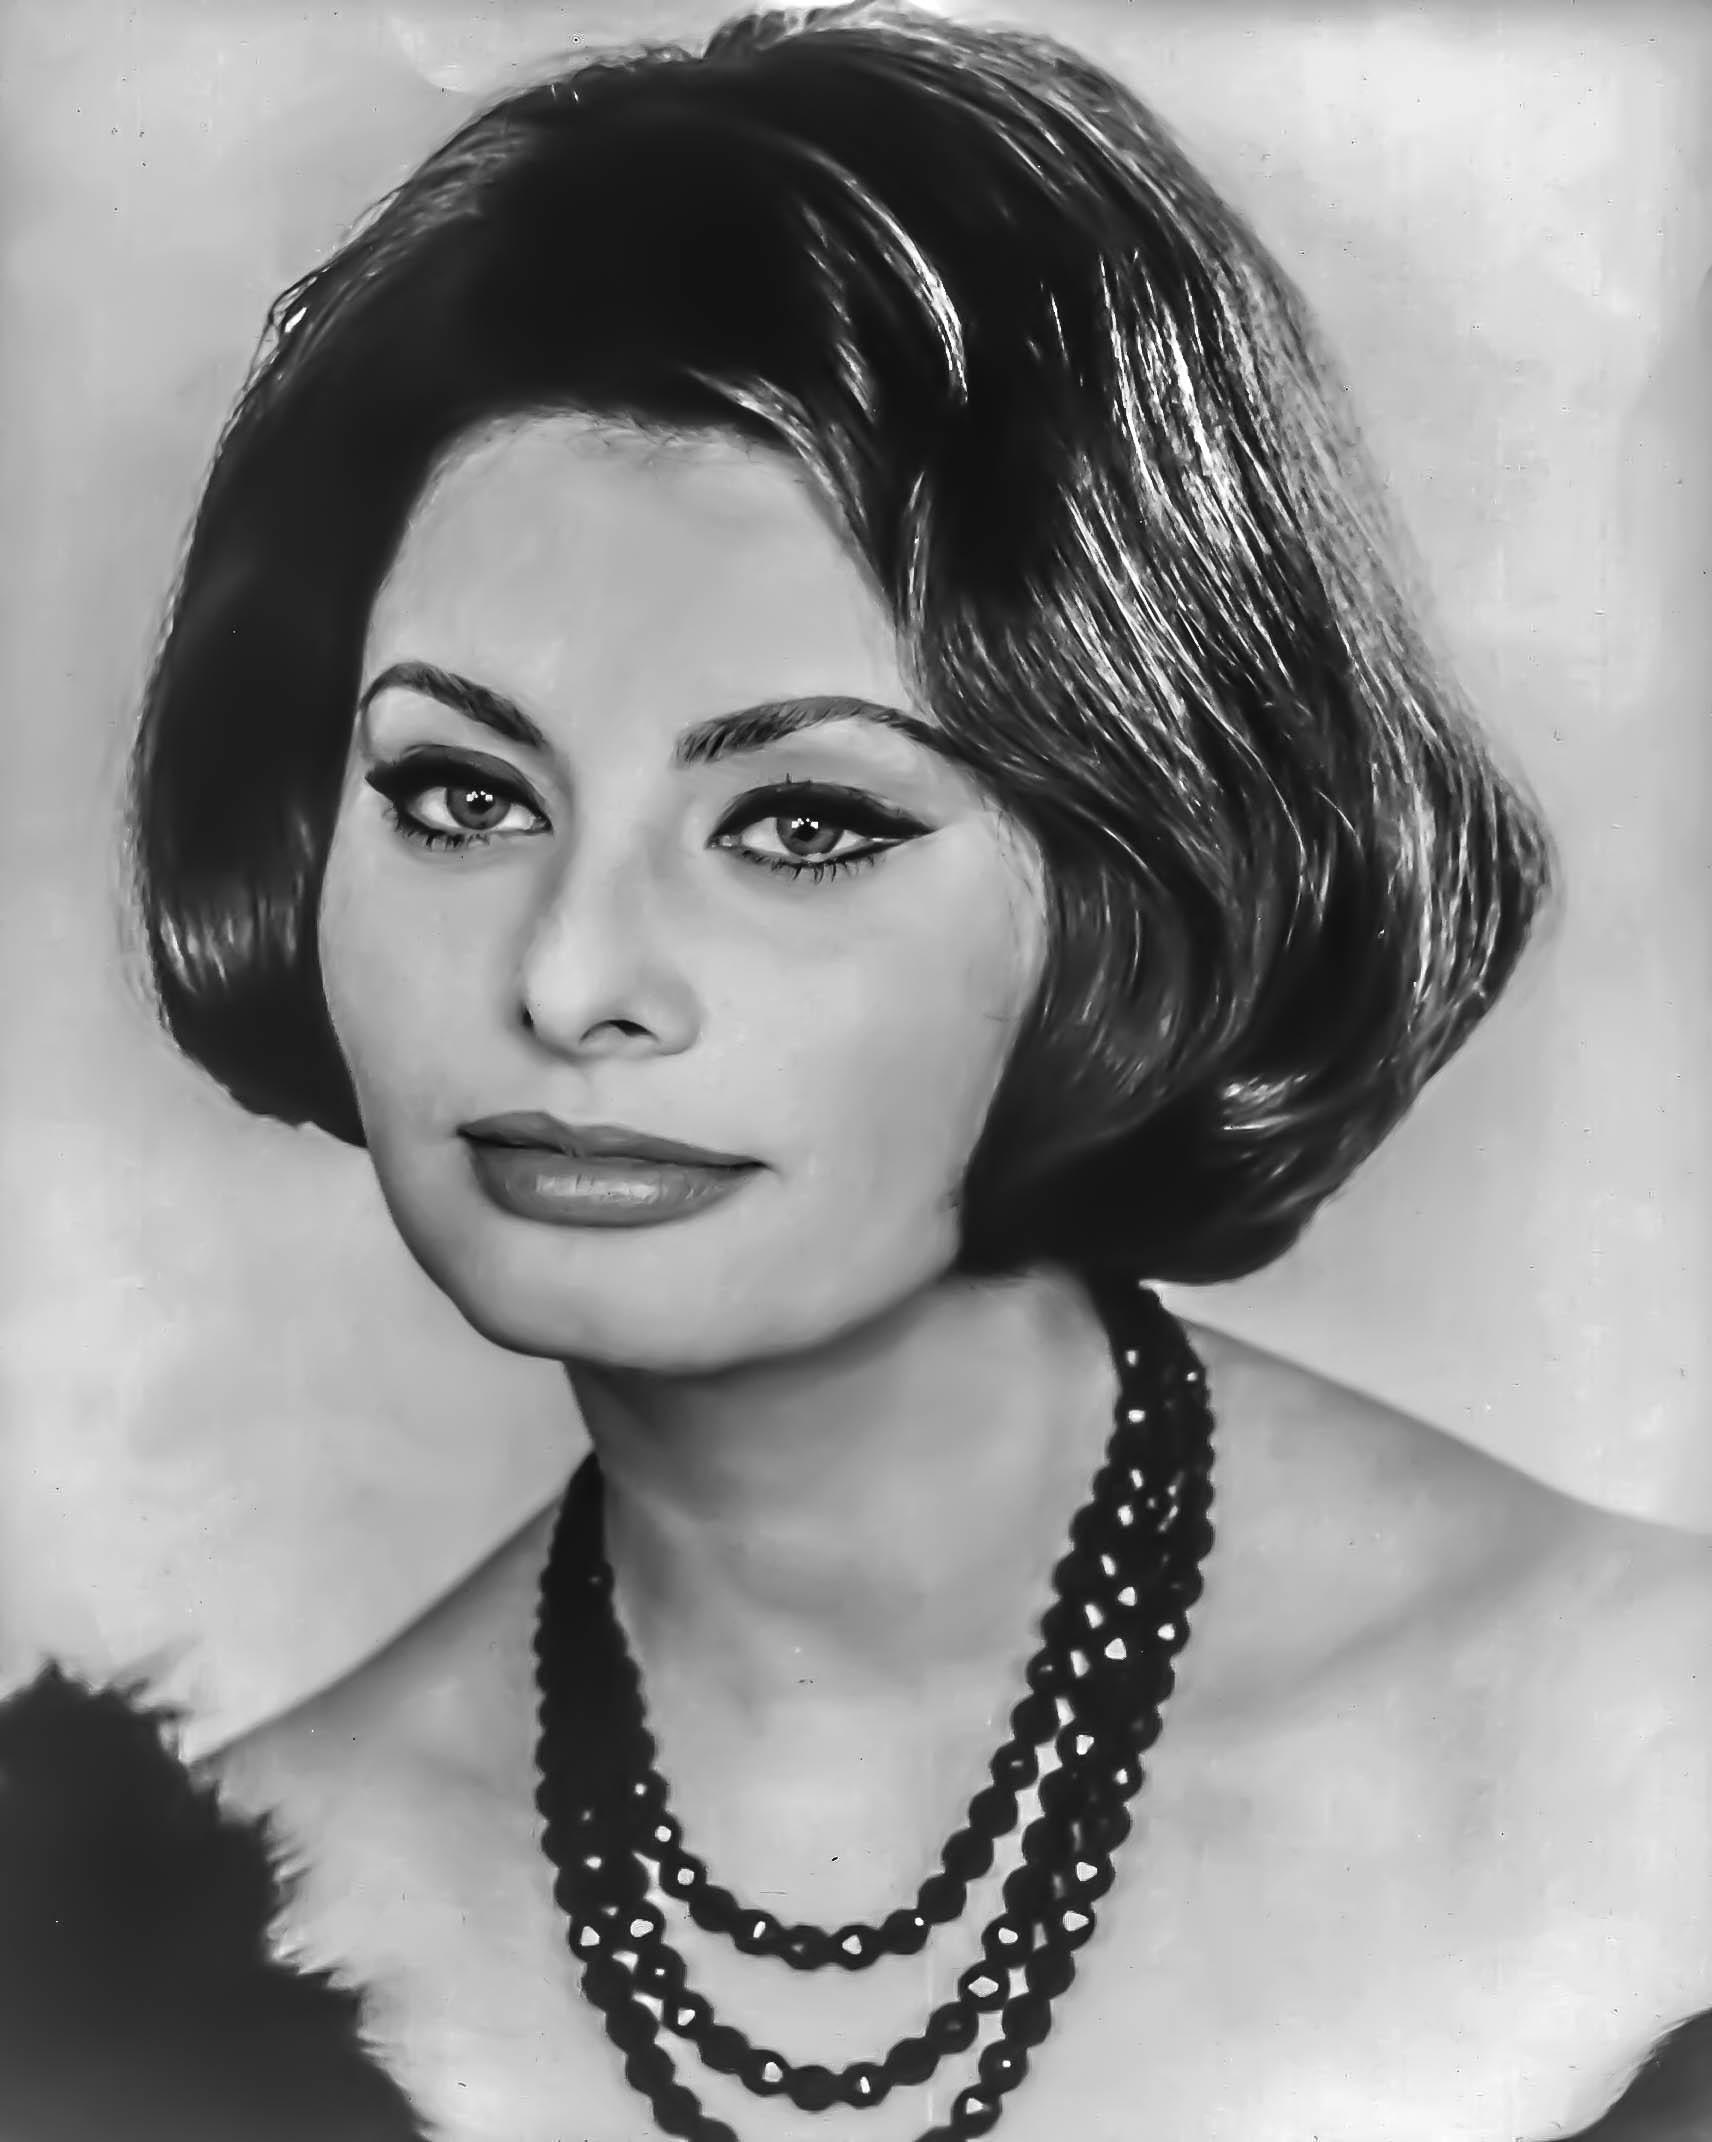 Fotoğraf Kişi Siyah Ve Beyaz Film Kadın Hollywood Portre